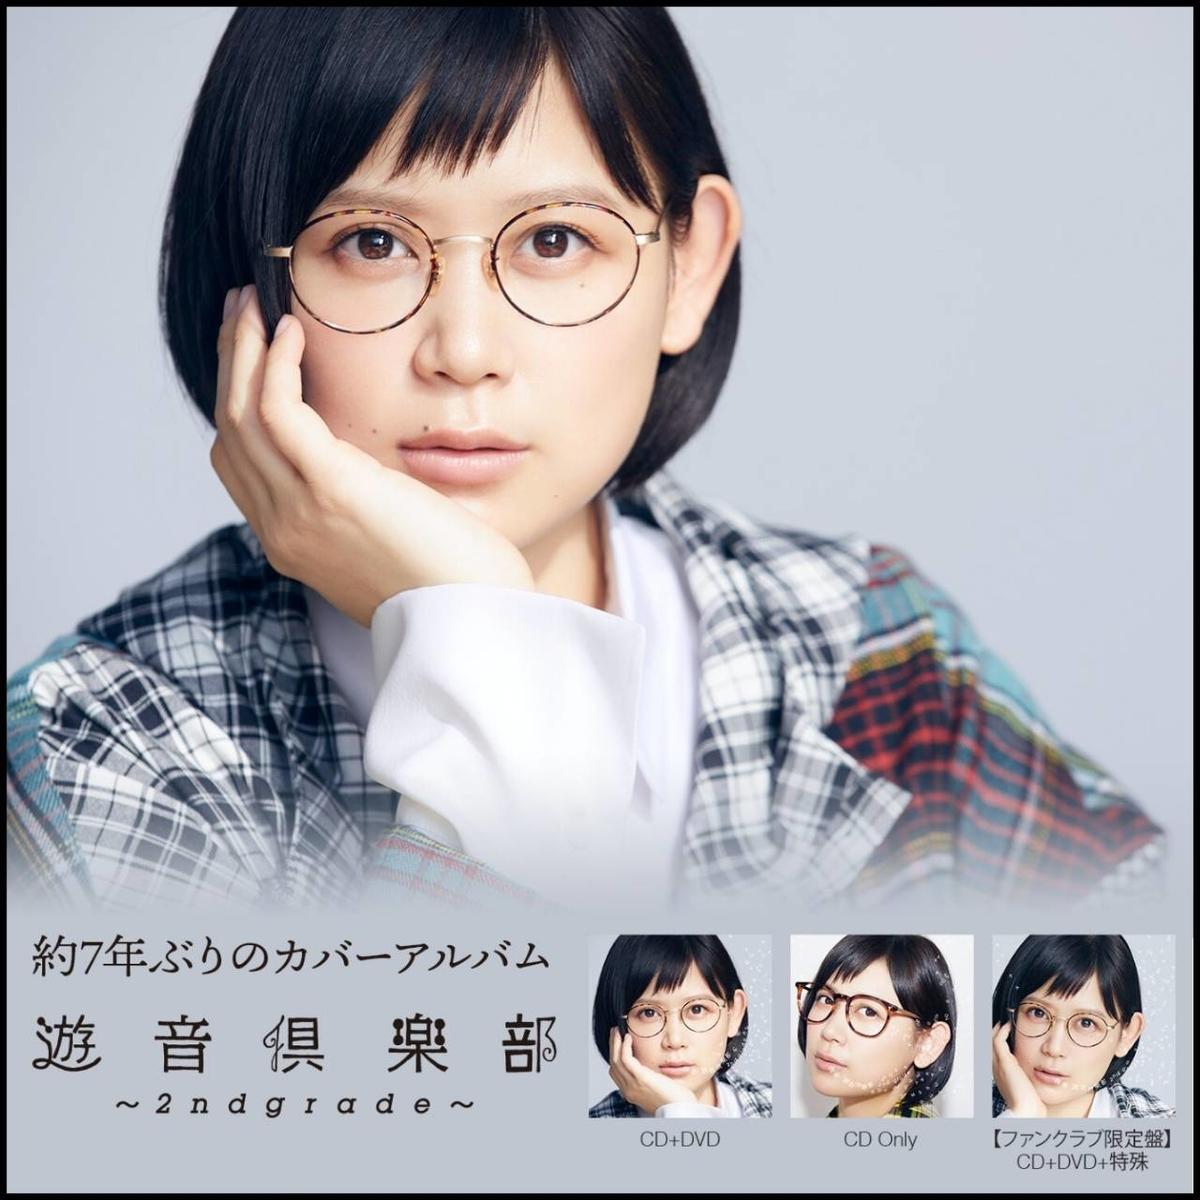 絢香 カバーアルバム「遊音倶楽部 ~2nd grade~」 LIFE